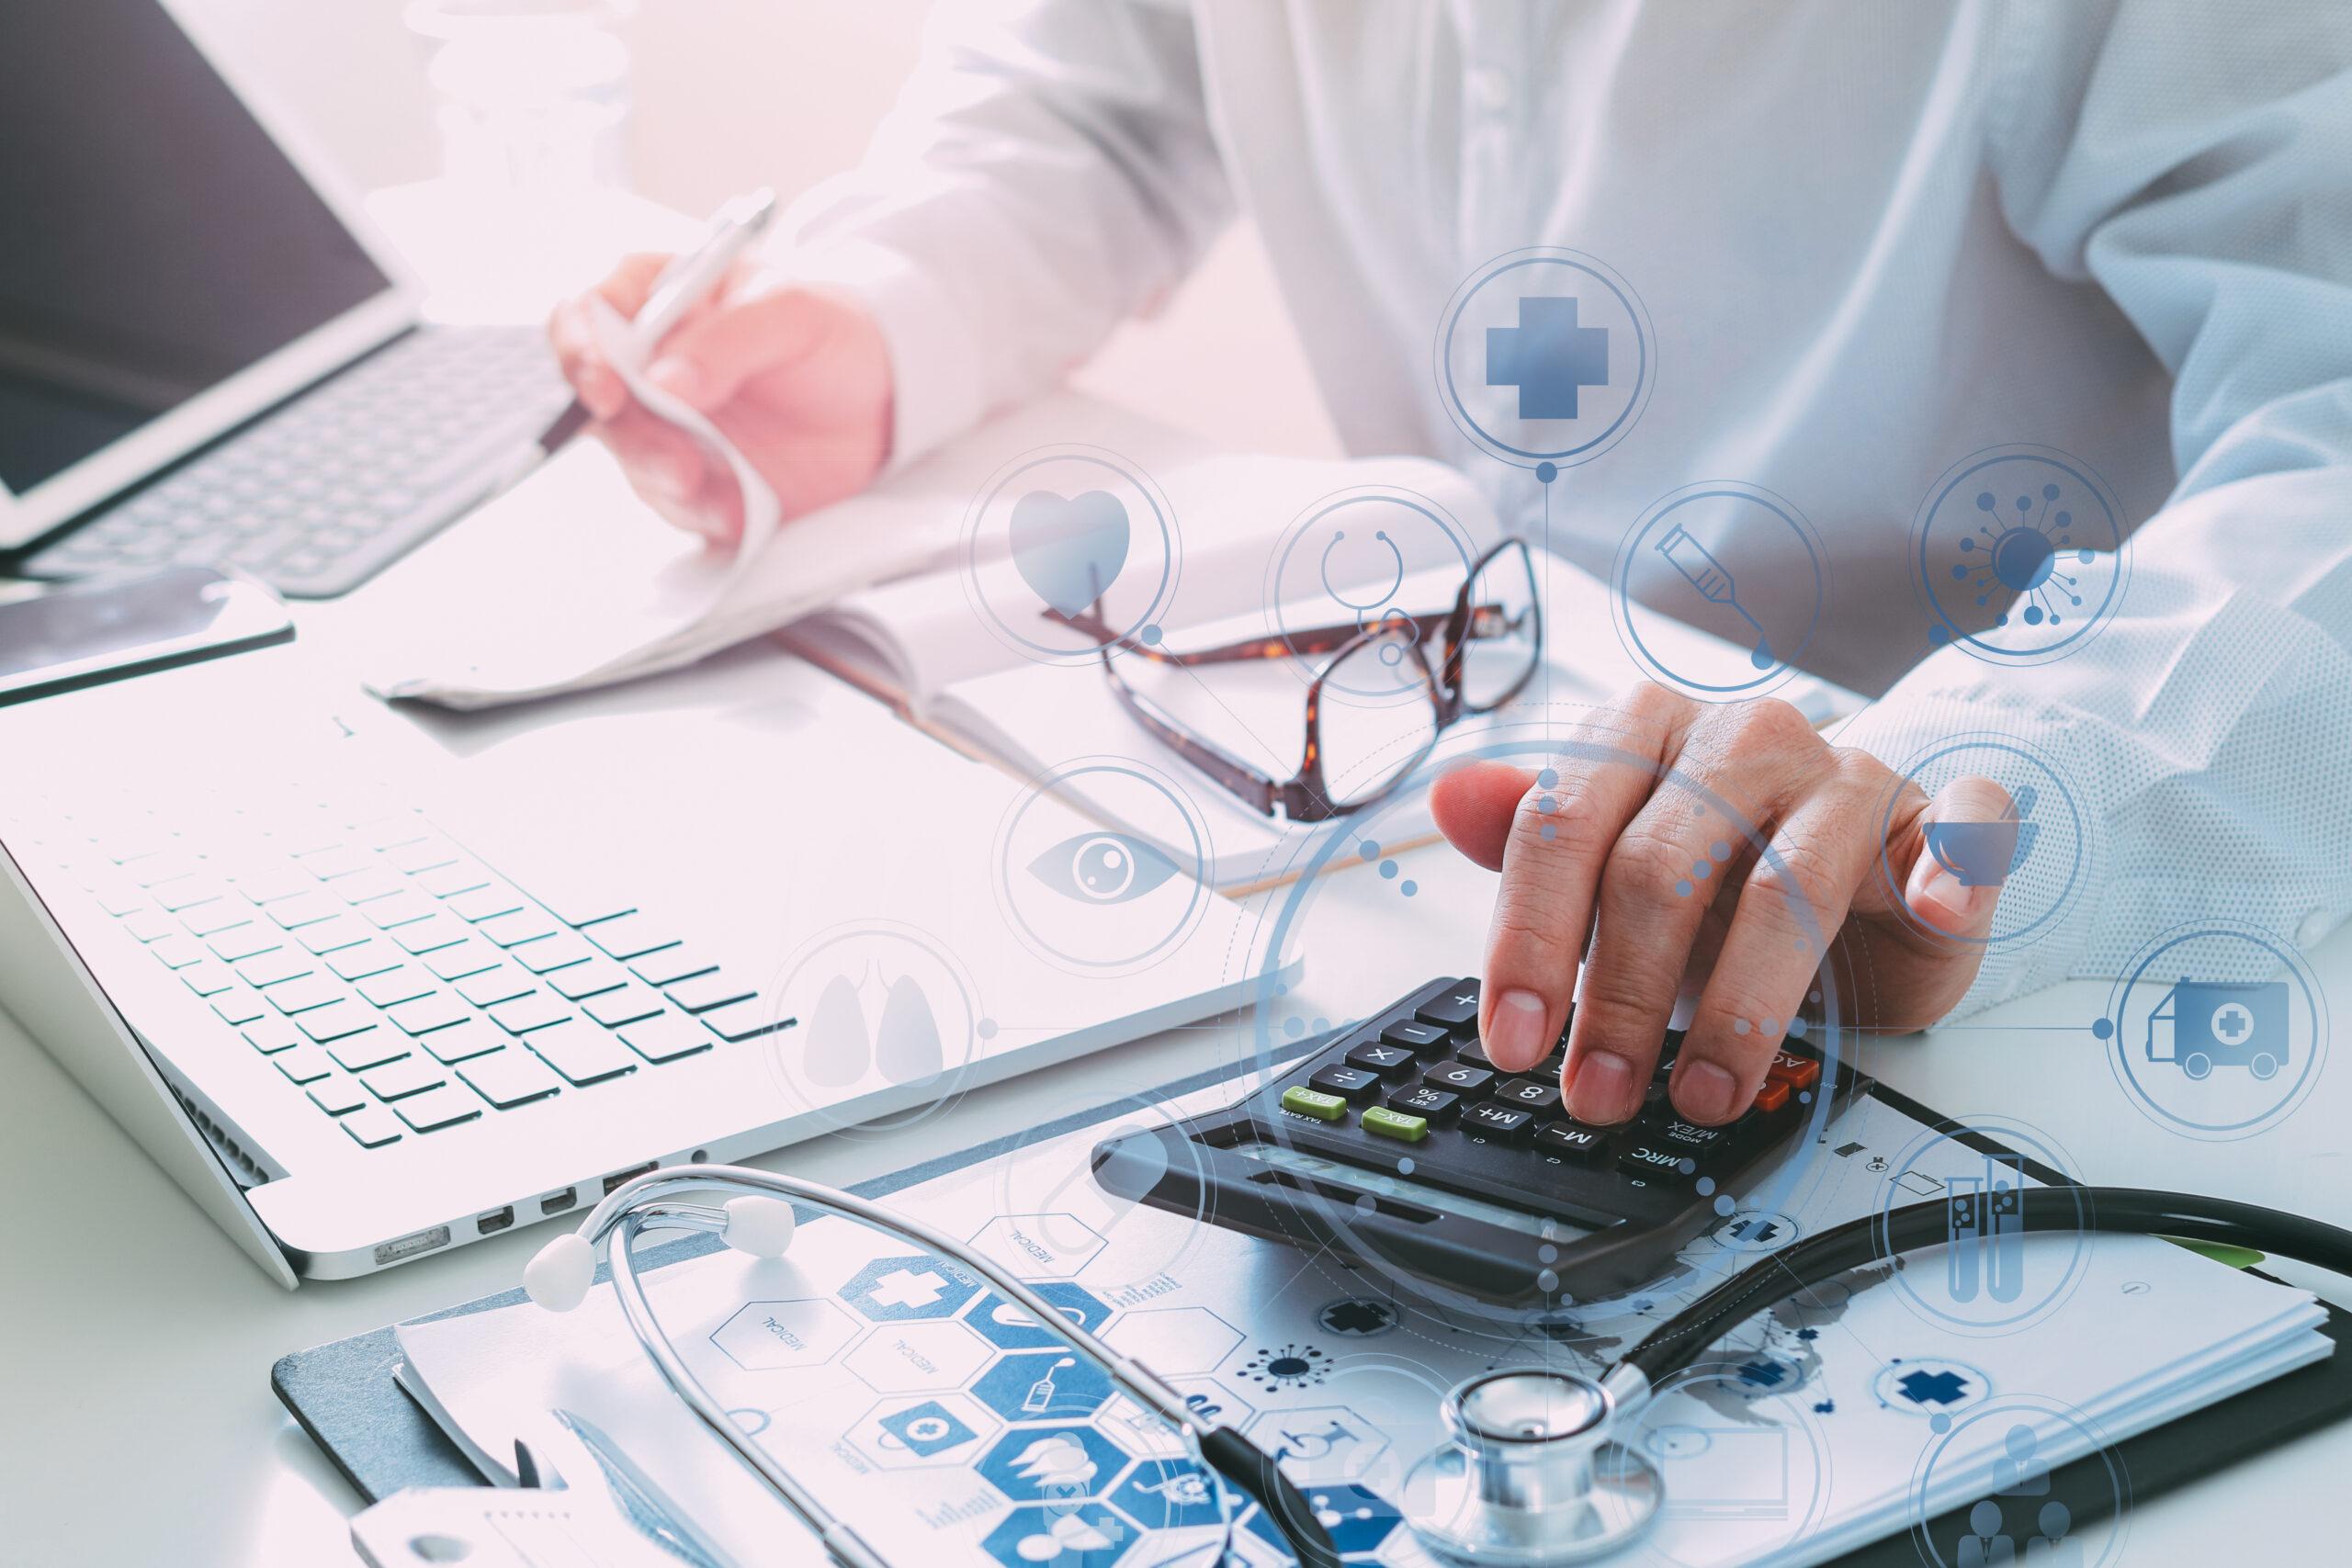 Calculating a medical bill